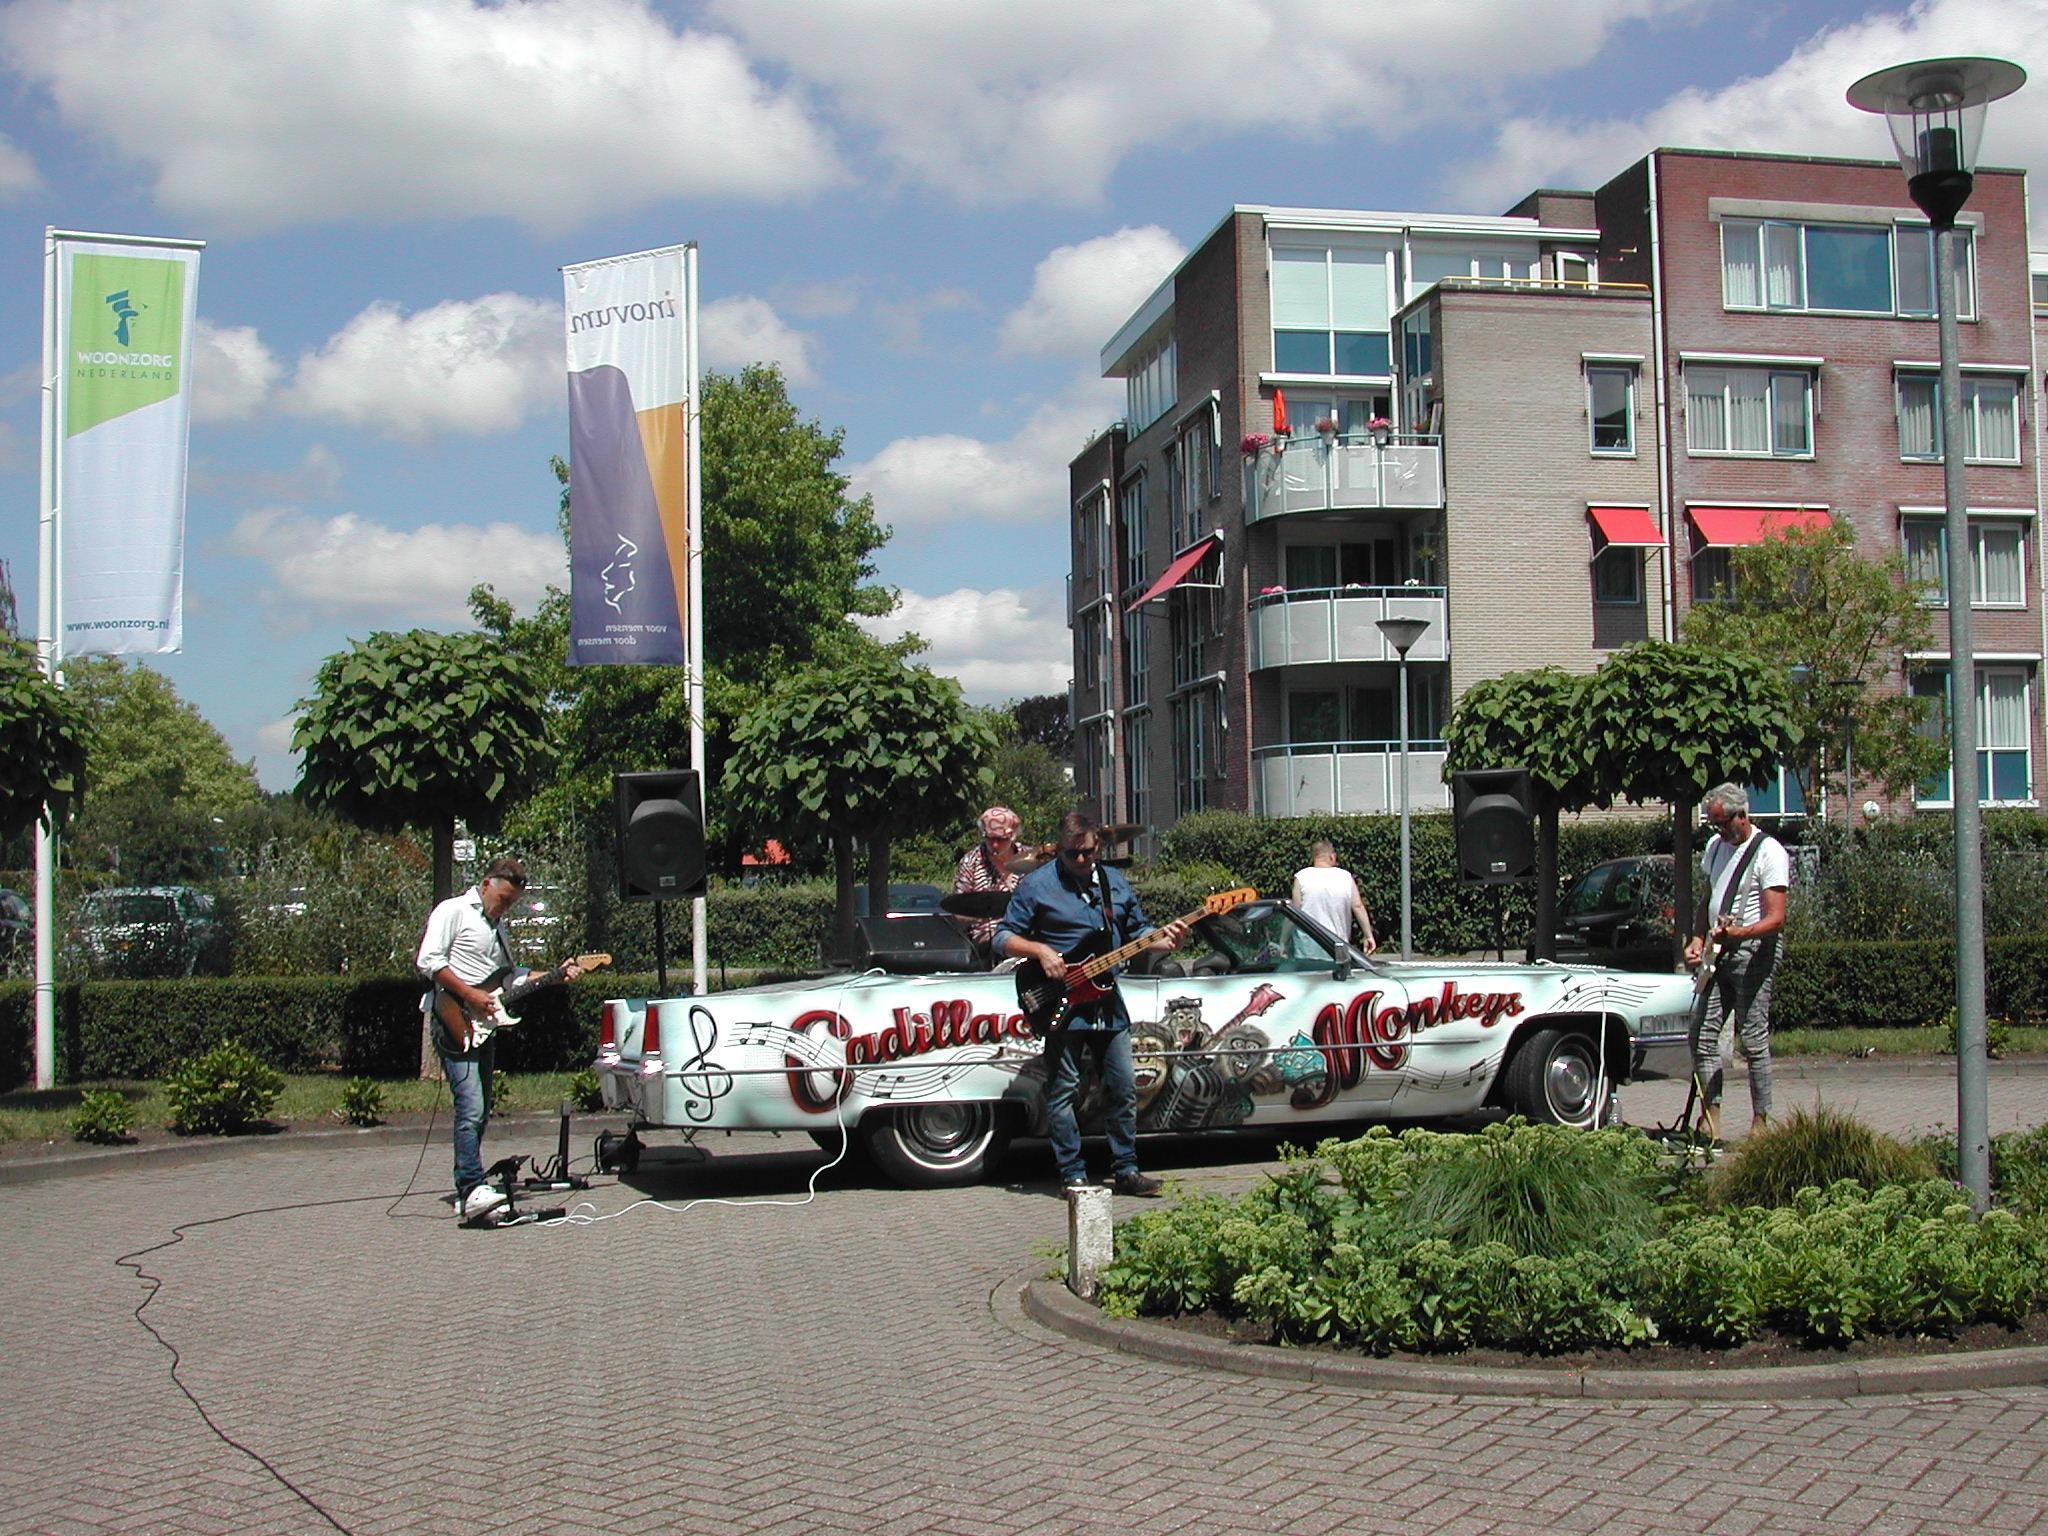 Door corona valt nu al het doek voor Grand Café Emtinckhof in Loosdrecht: frustratie bij vrijwilligers